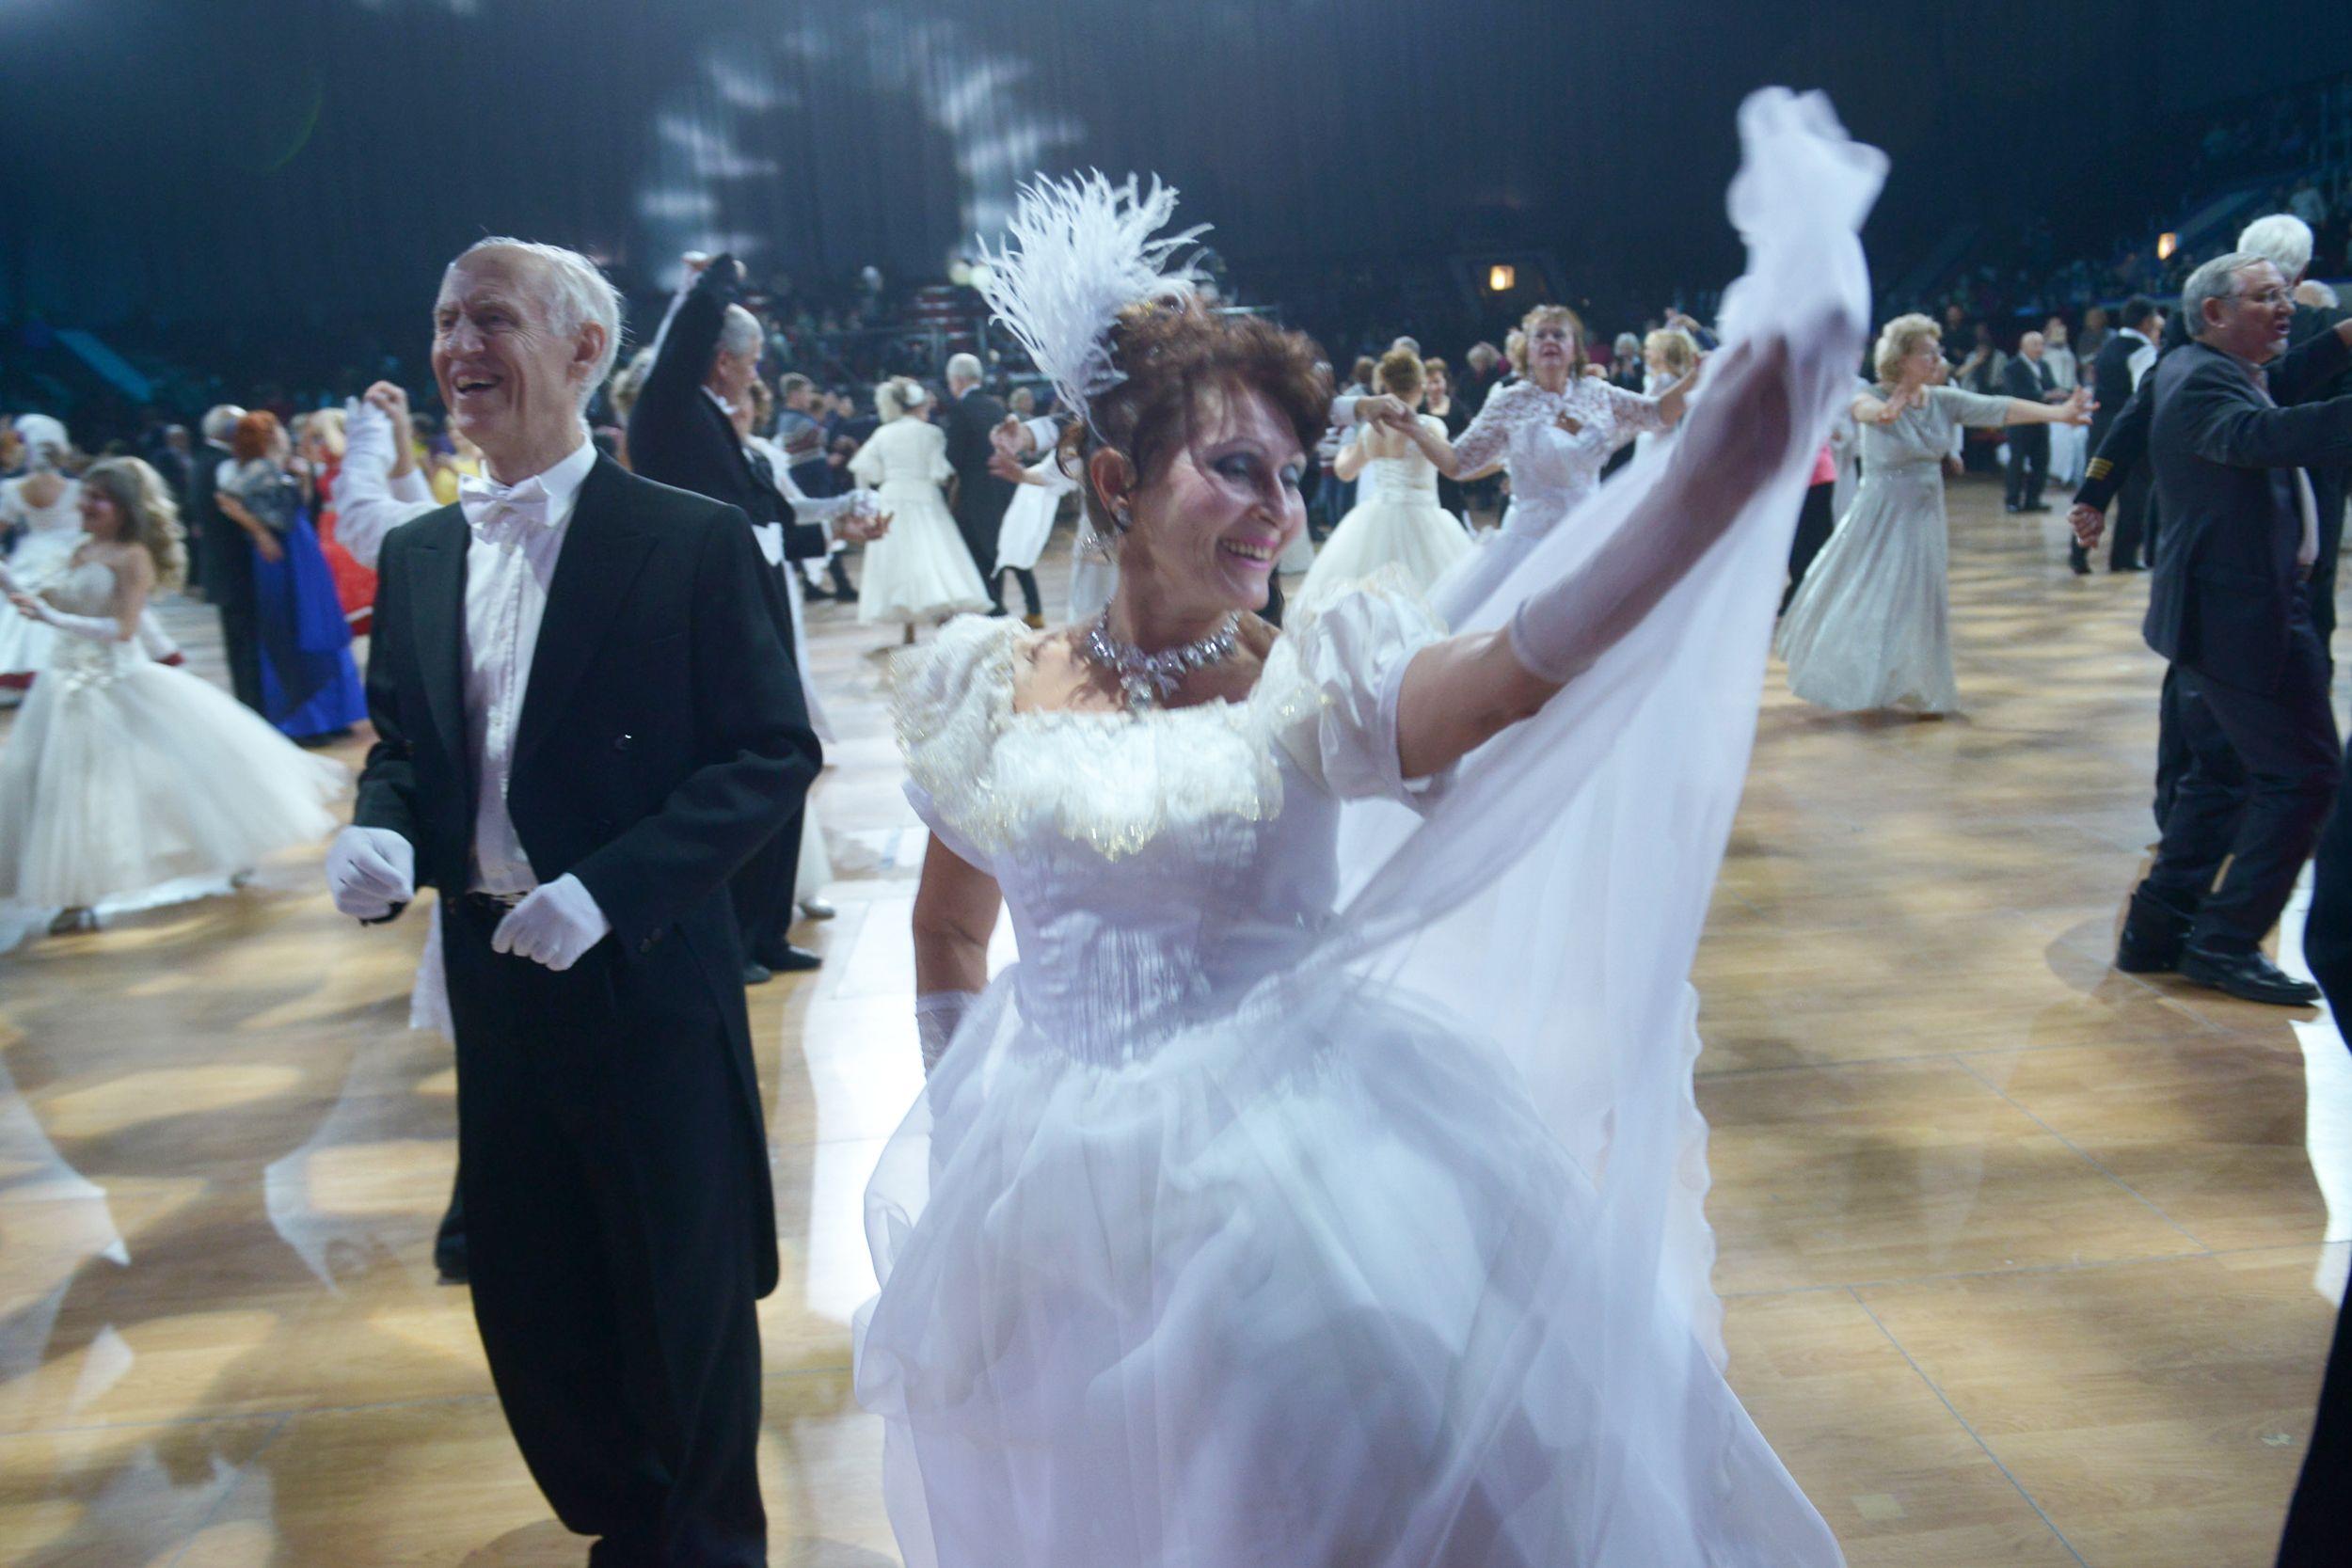 Жители Вороновского победили в отборочном этапе танцевального конкурса